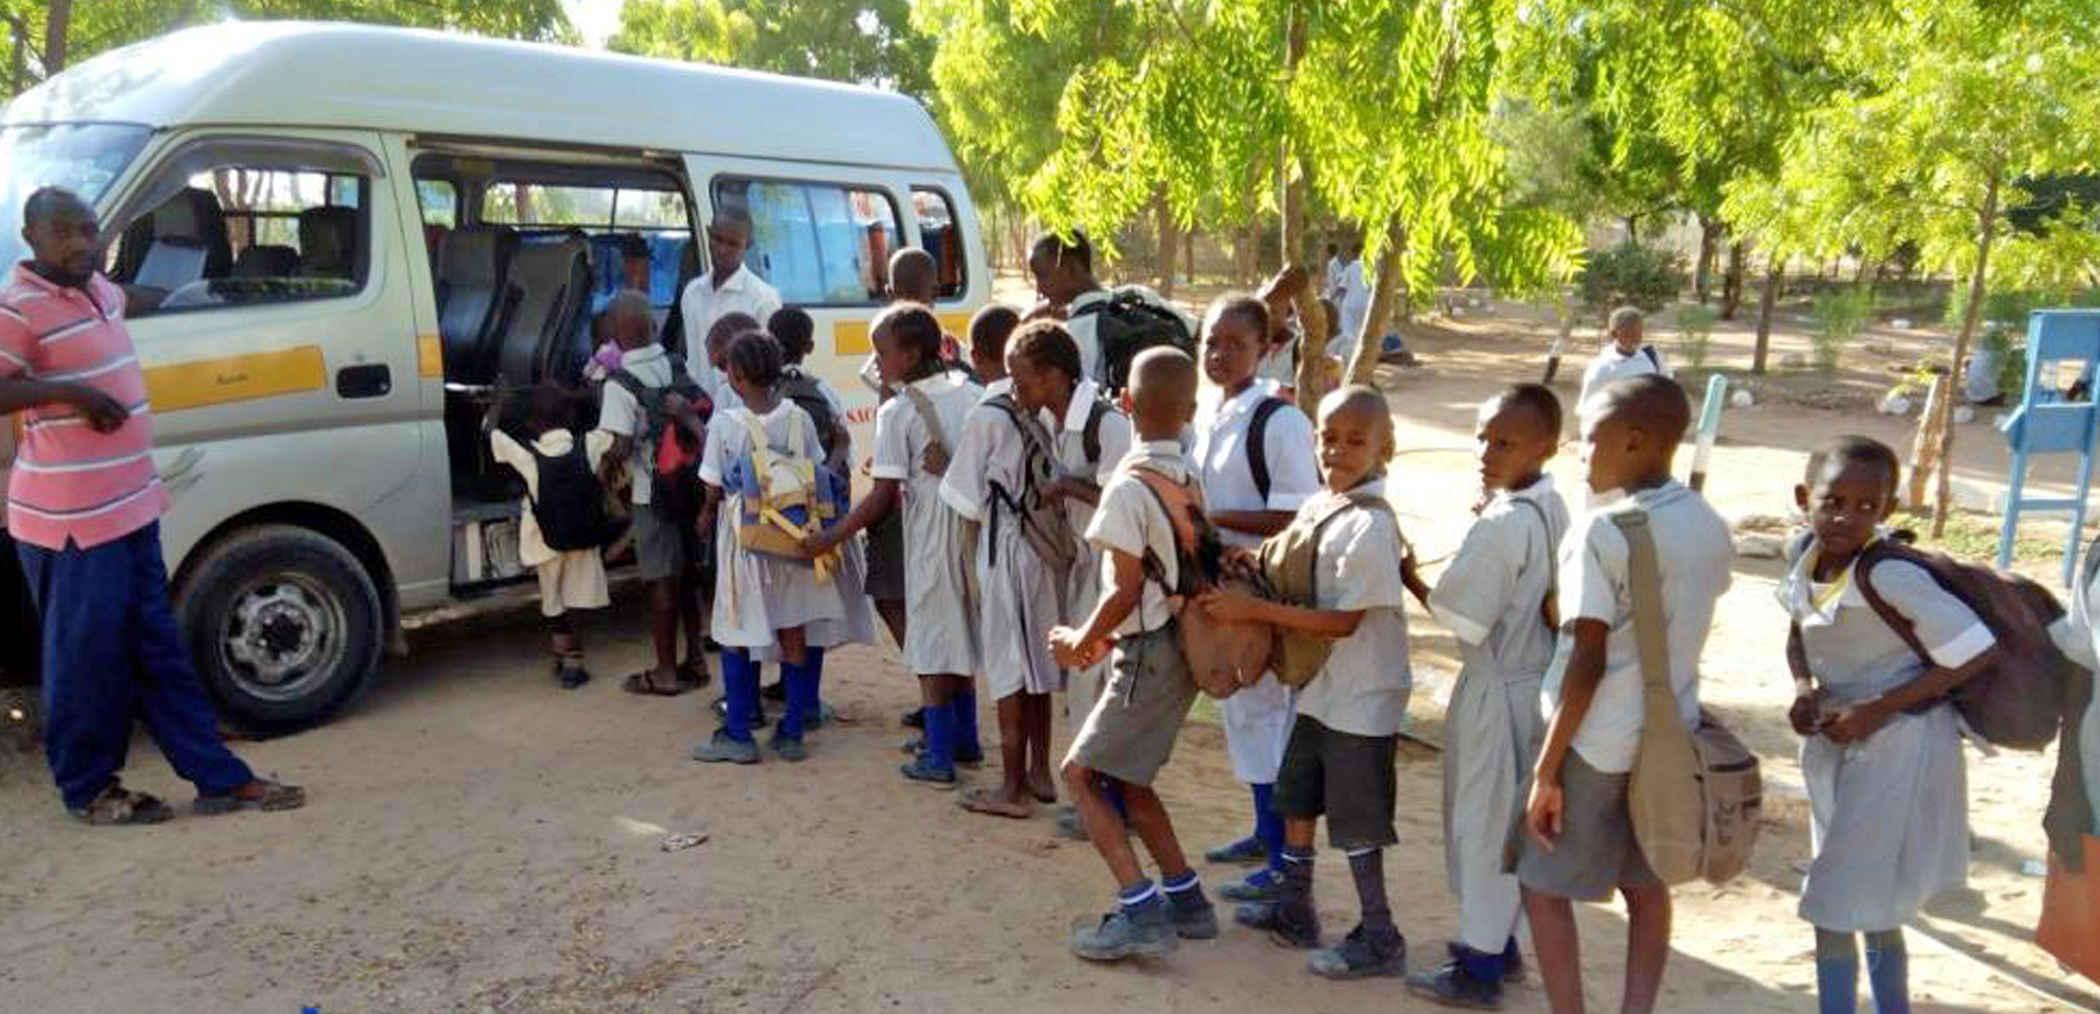 hjælp børnene Tilbage i skole